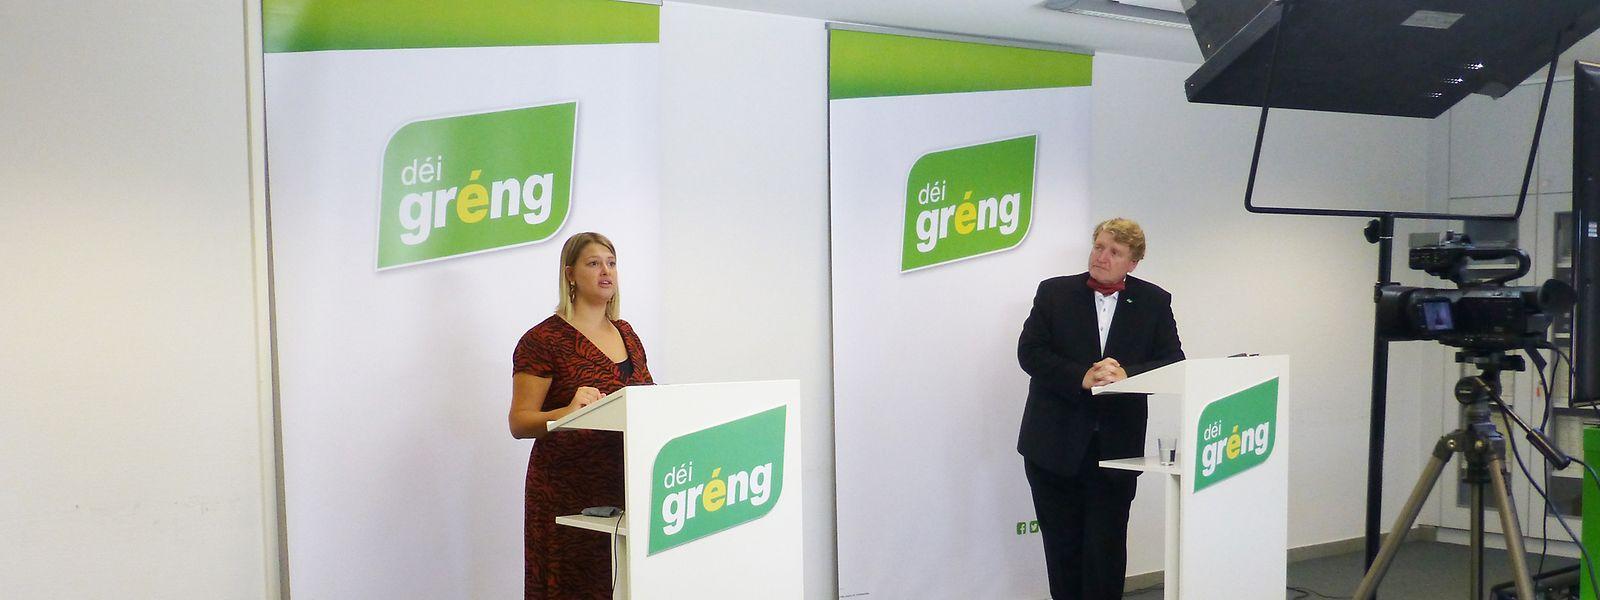 Djuna Bernard und Christian Kmiotek führten die Pressekonferenz per Videoübertragung durch.